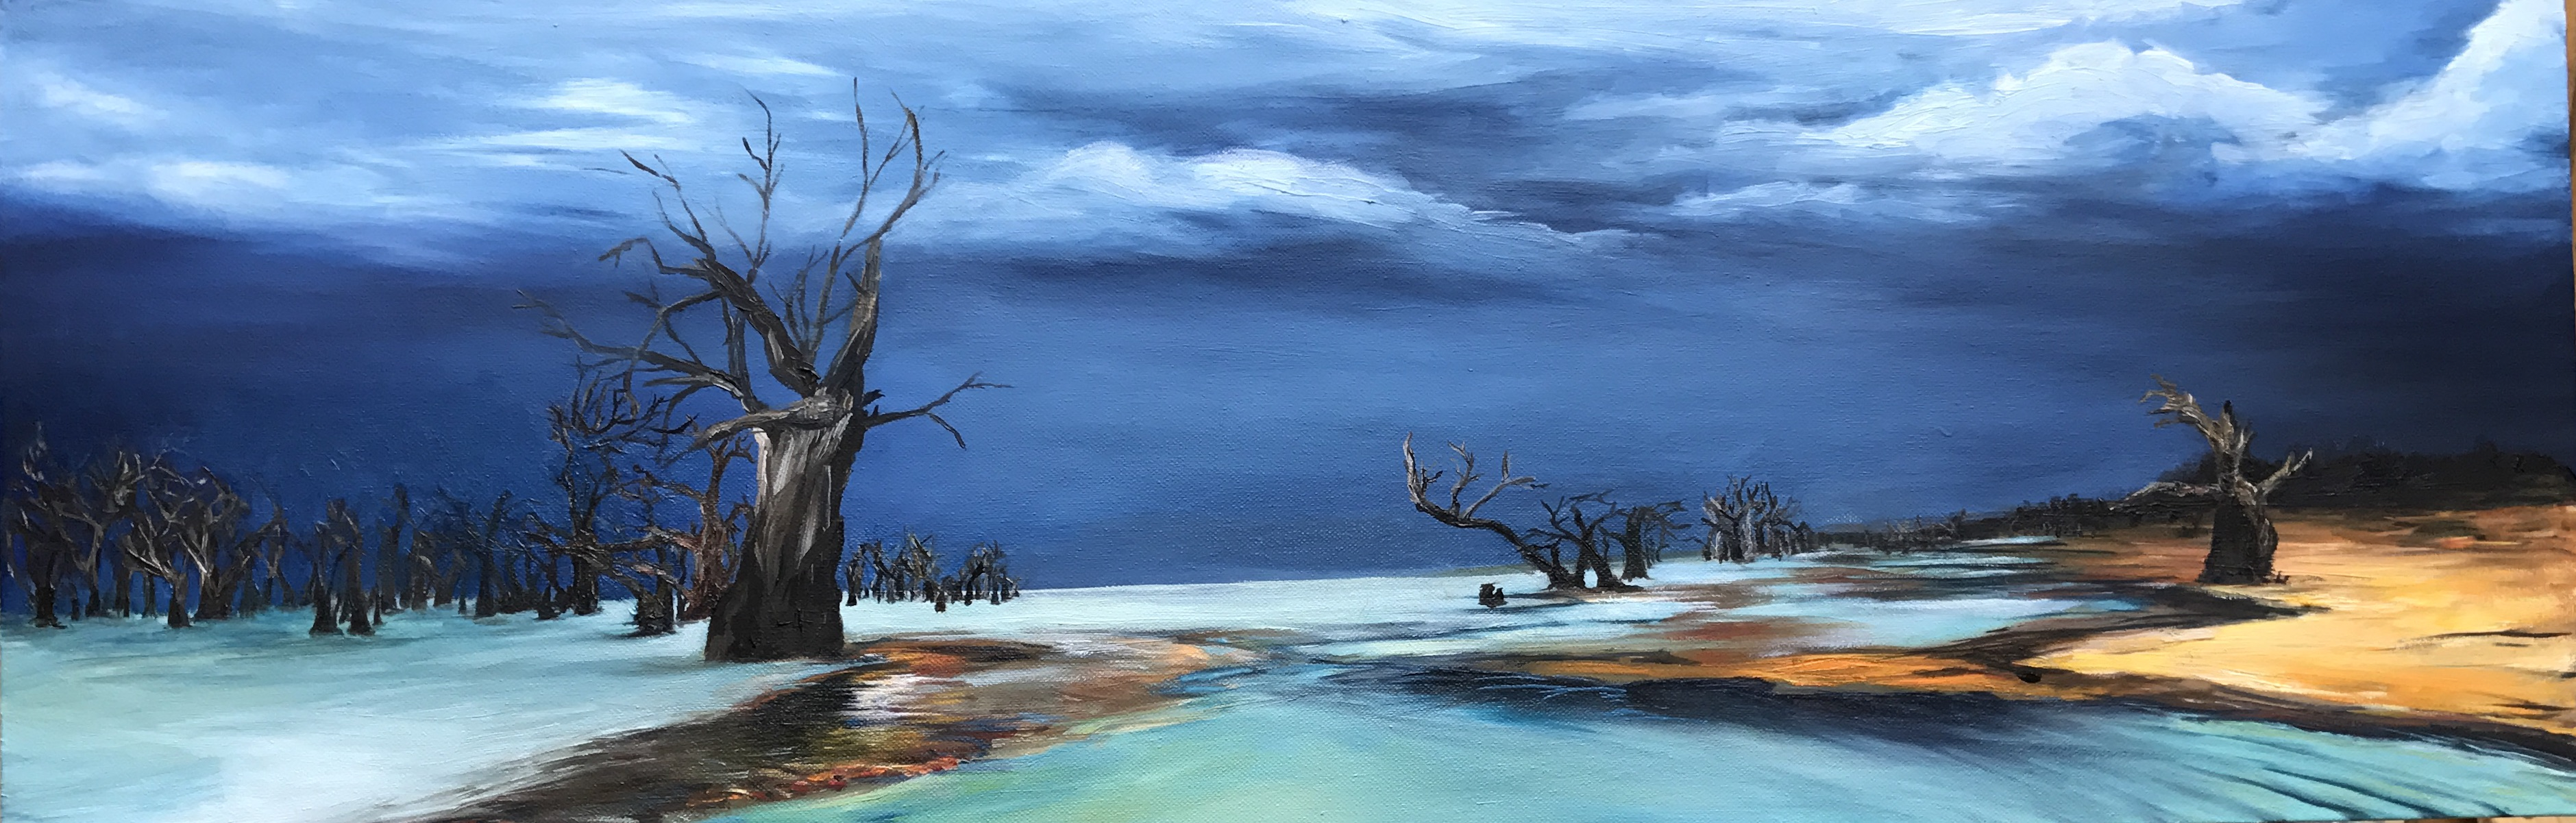 Quiet Storm in Australia